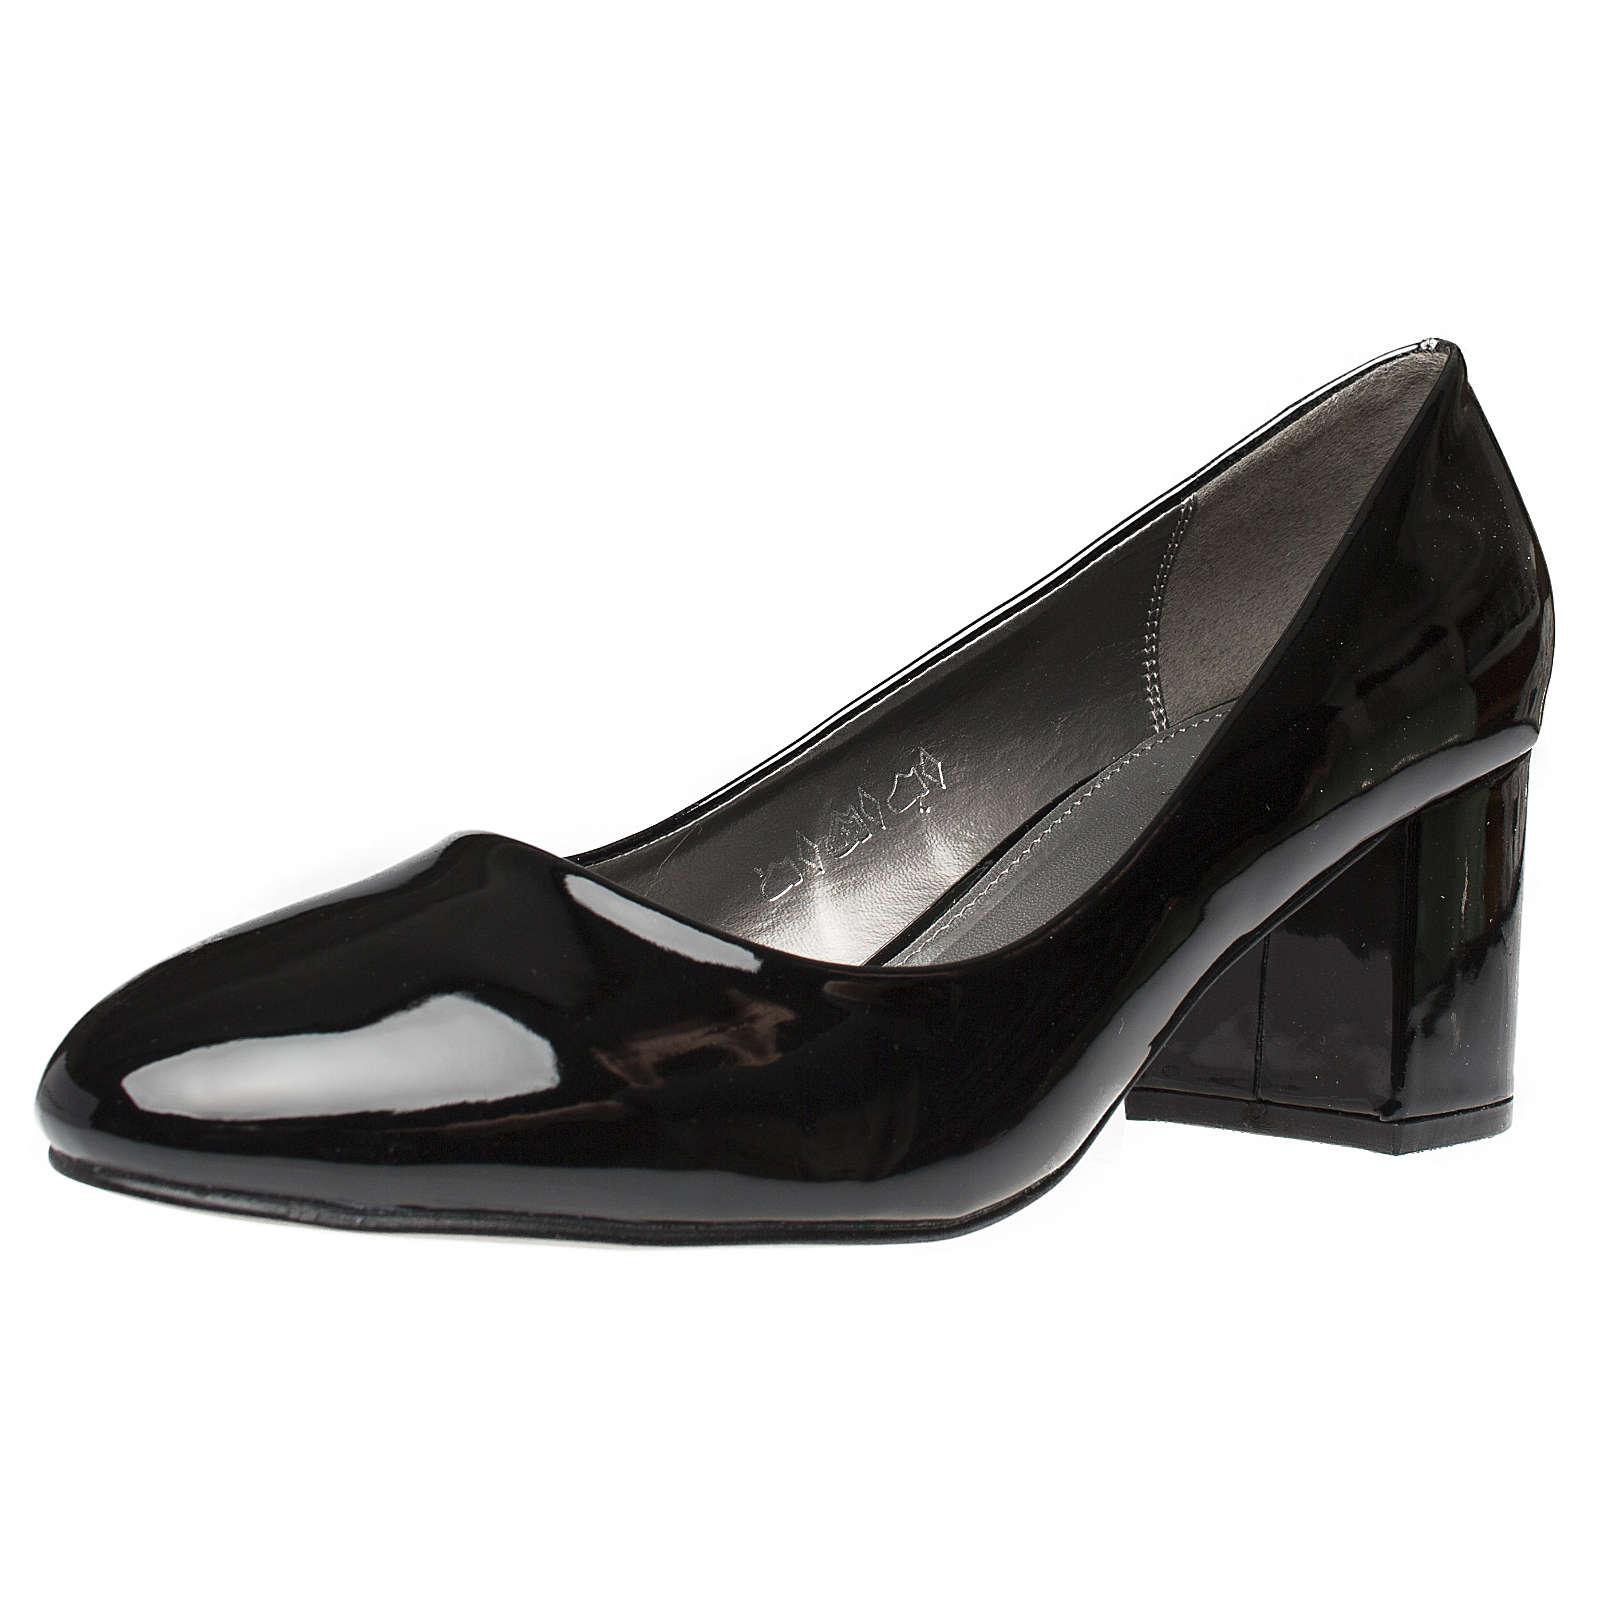 Fitters Footwear Pumps Sesy in schwarz Lack schwarz Damen Gr. 42